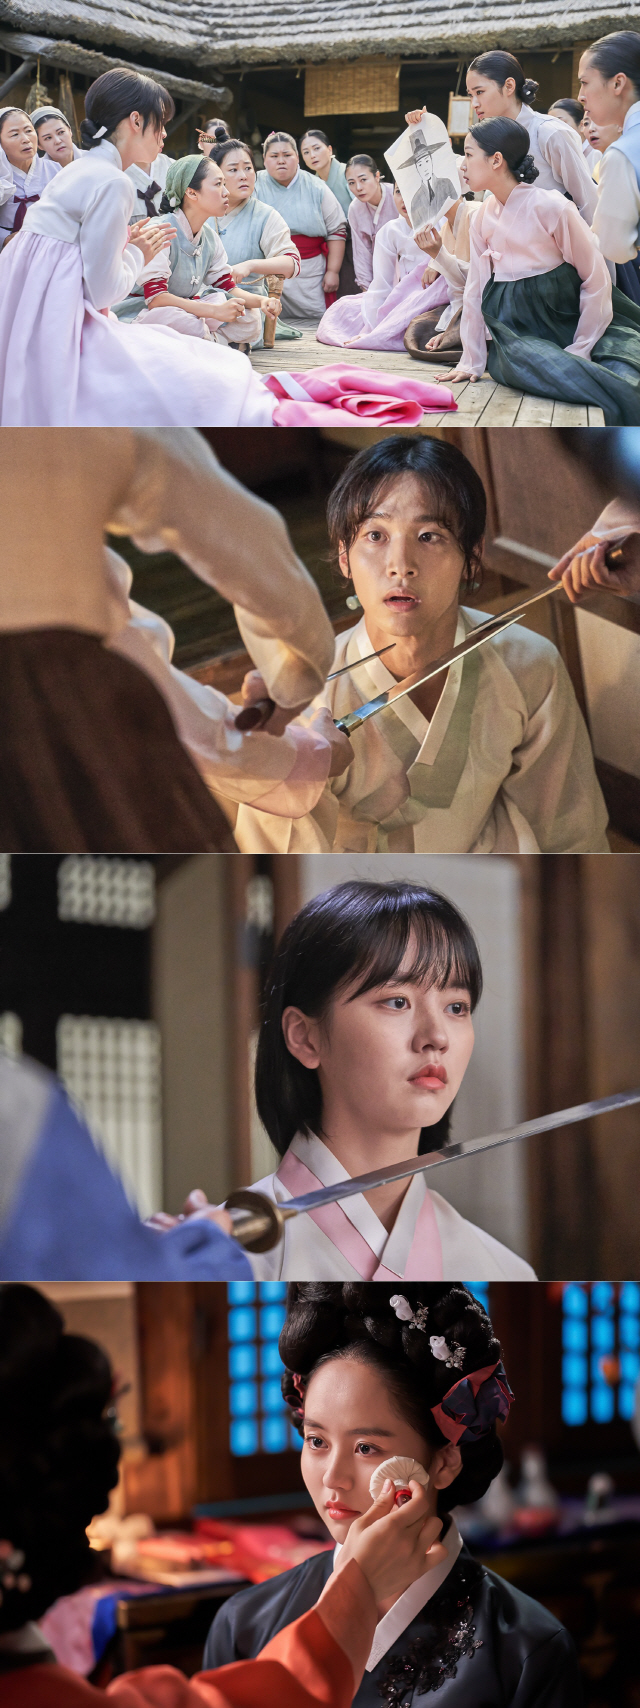 '조선로코-녹두전' 장동윤X김소현, 칼날 앞 아찔한 위기 포착